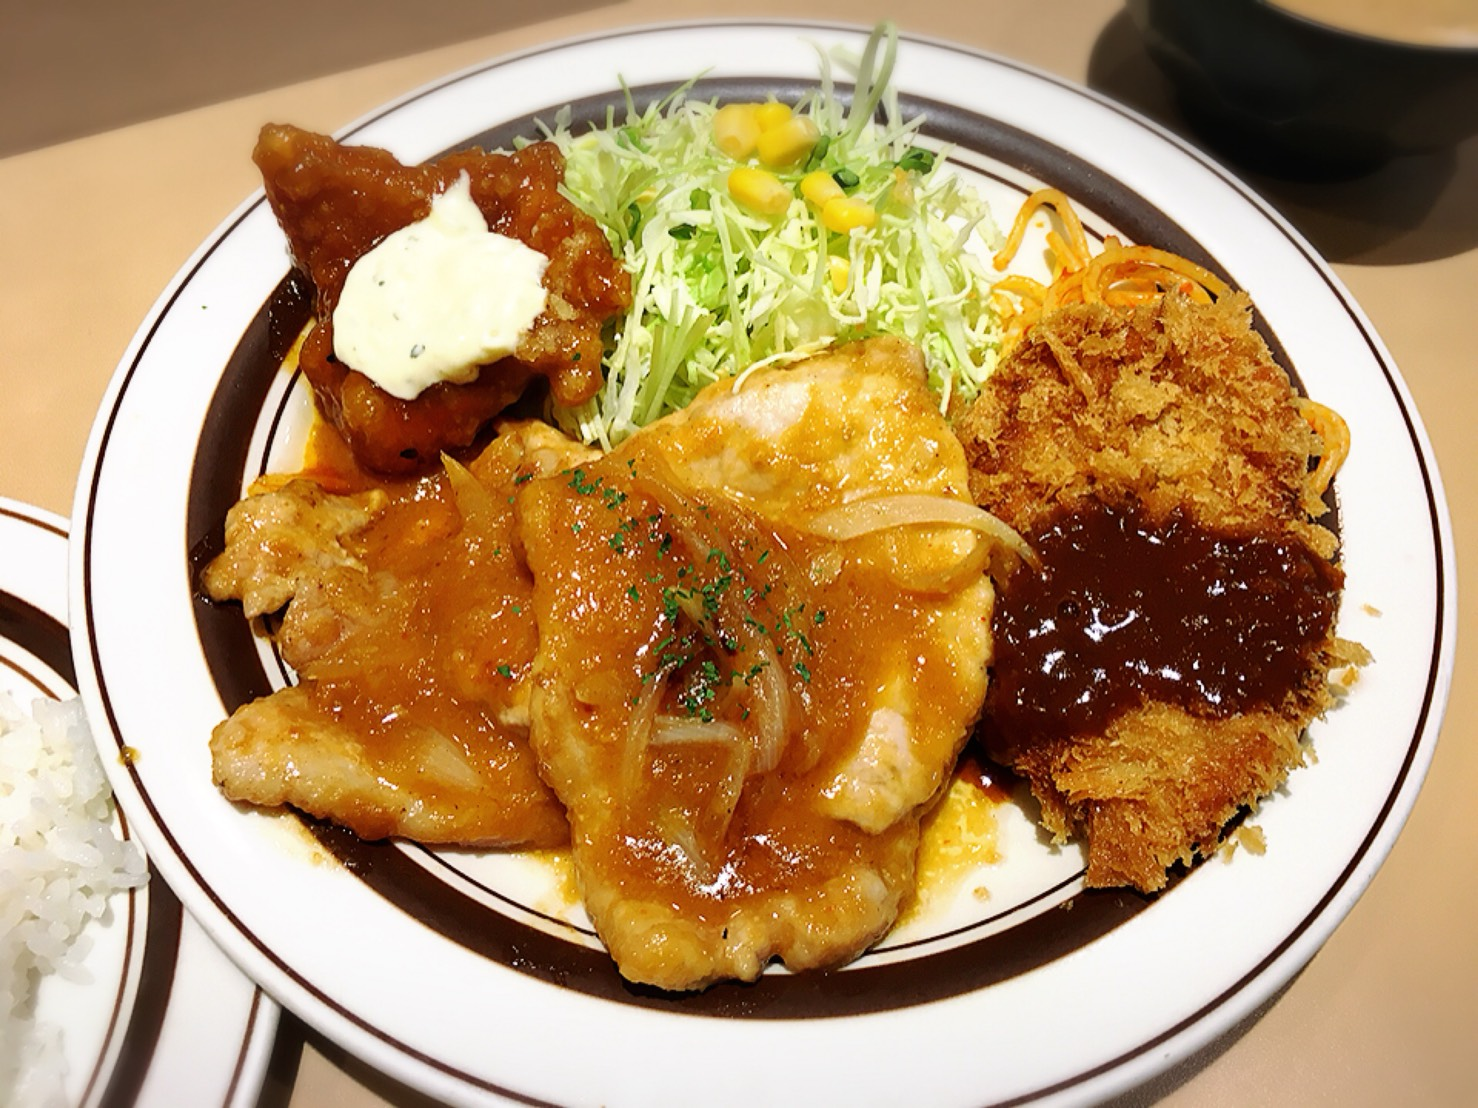 【大塚駅】安い!多い!美味しい!飽きない!最高デブ食!「キッチンABC 南大塚店」